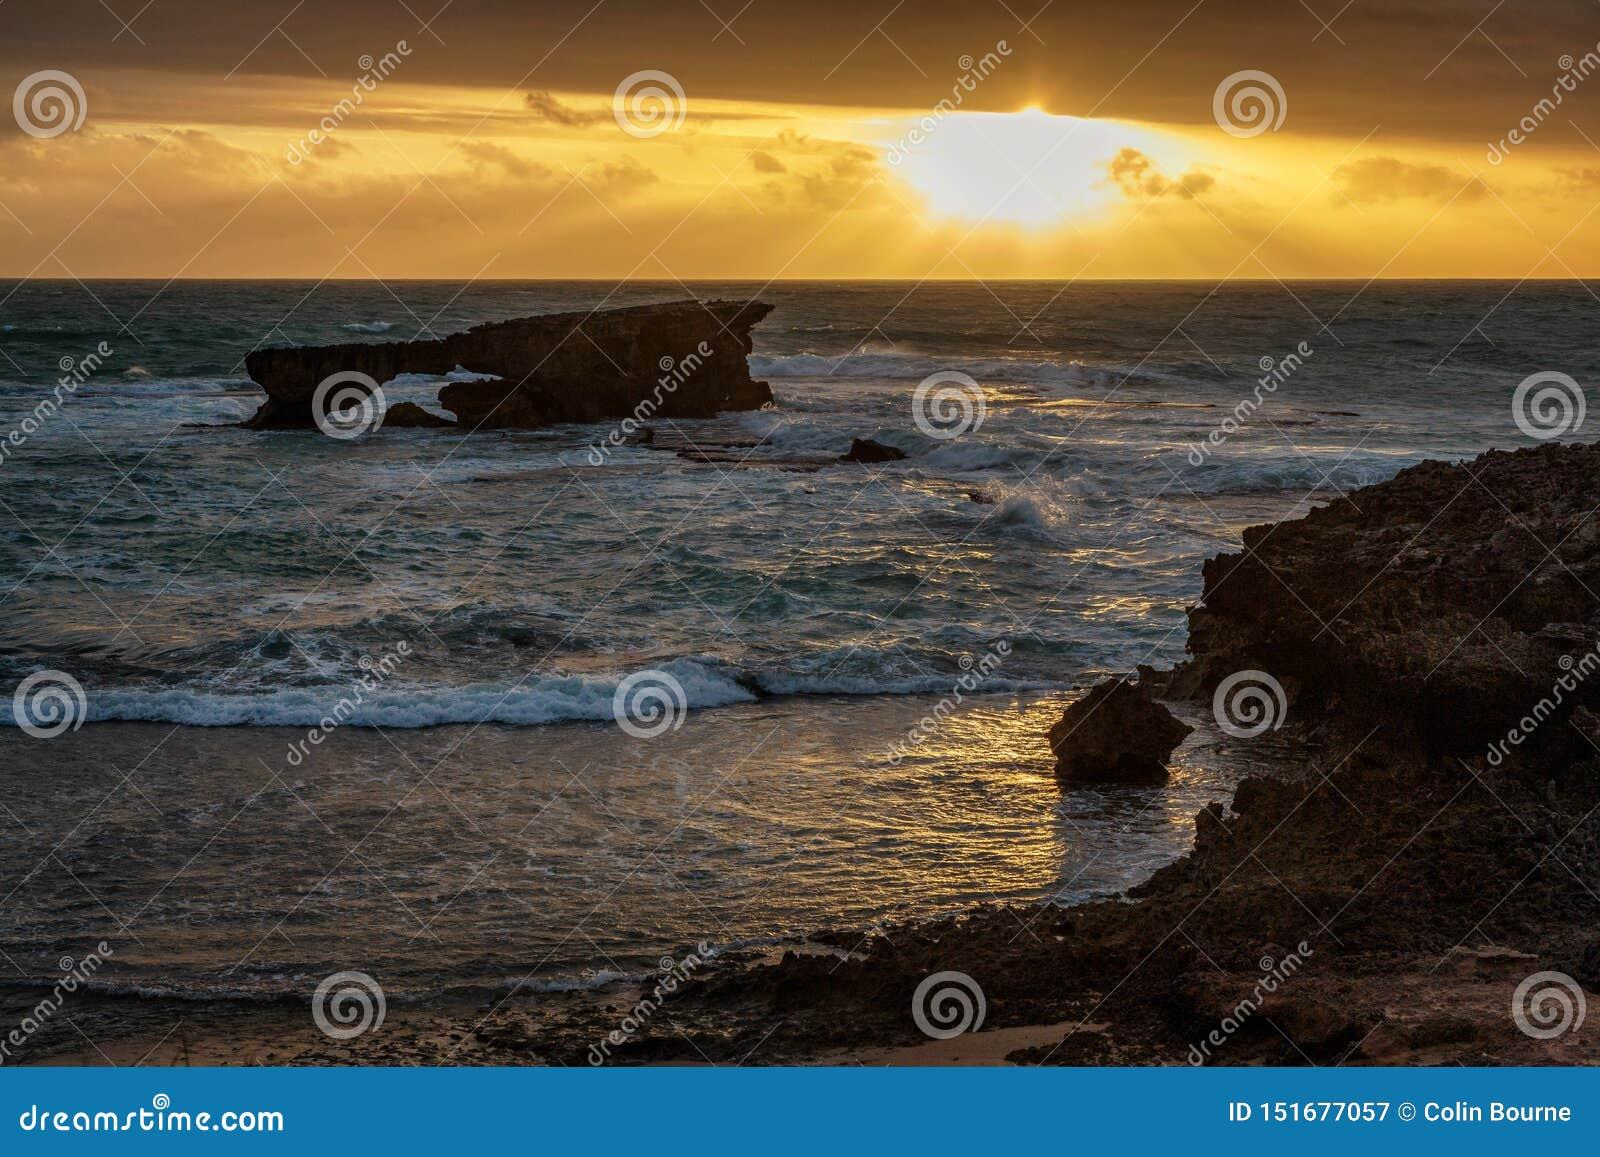 Ηλιοβασίλεμα στο ακρωτήριο στην τήβεννο, Νότια Αυστραλία